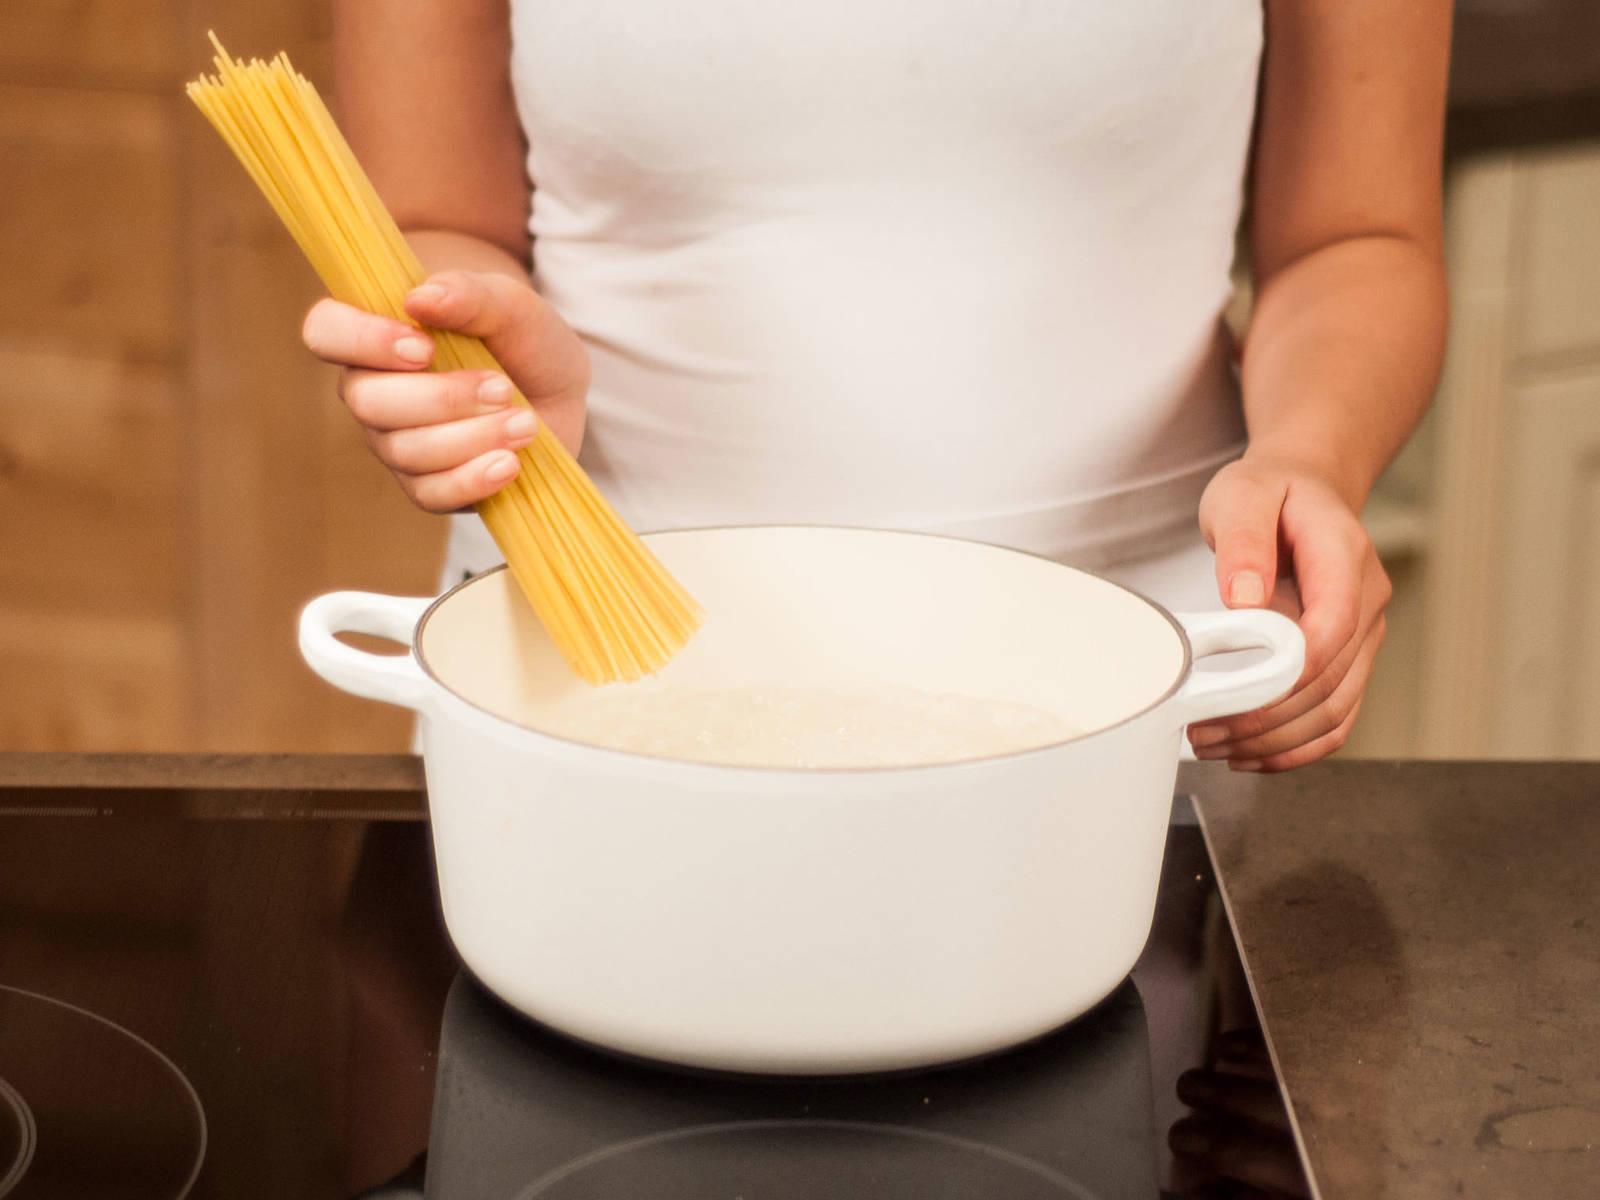 In großem Topf Nudeln nach Packungsanleitung ca. 6 – 8 Min. kochen, bis sie al dente sind. Abgießen und beiseitestellen.